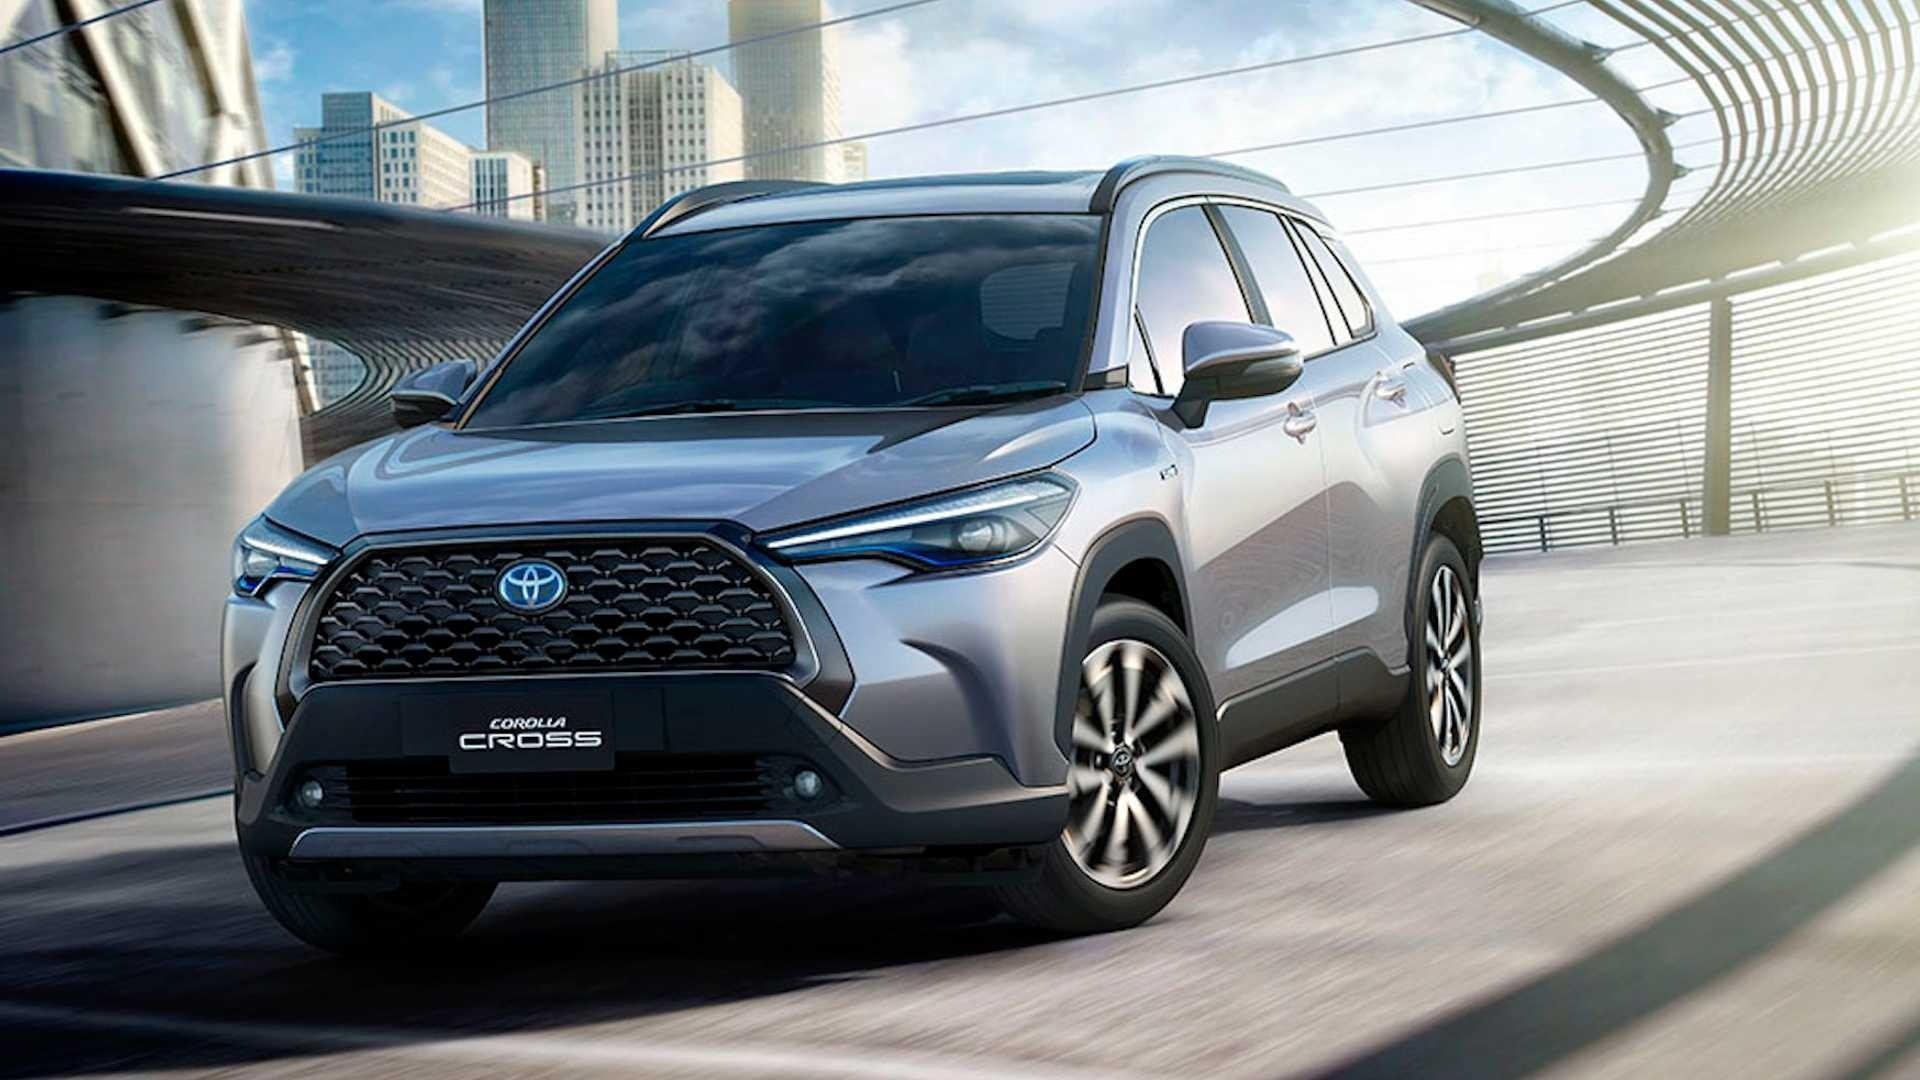 Toyota Revela Corolla Cross Suv Deve Ser Fabricado No Brasil Em 2021